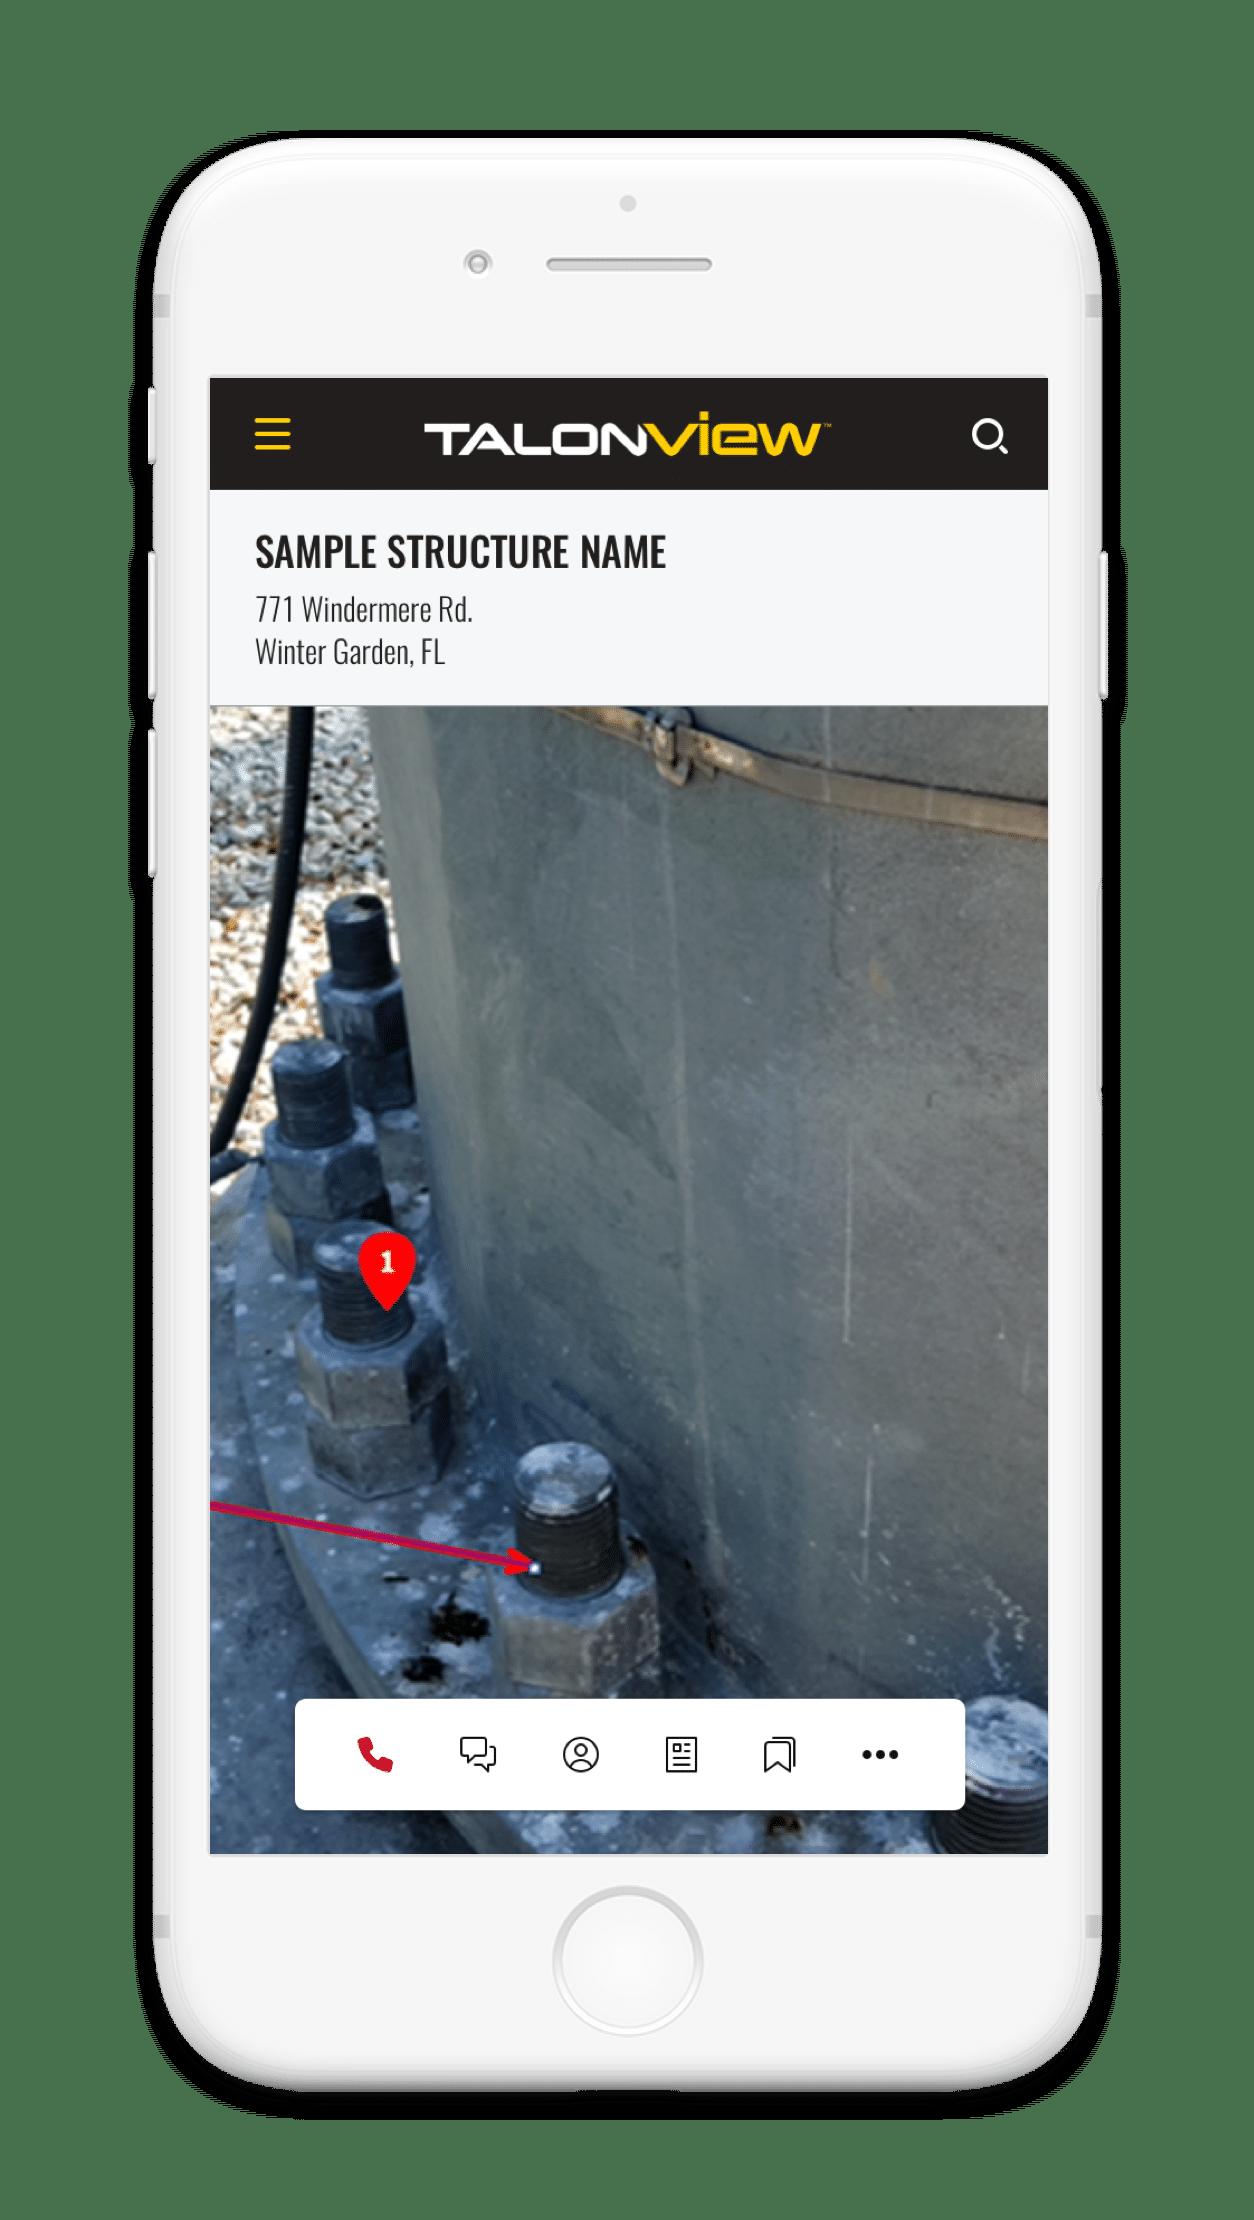 TalonView Mobile Application